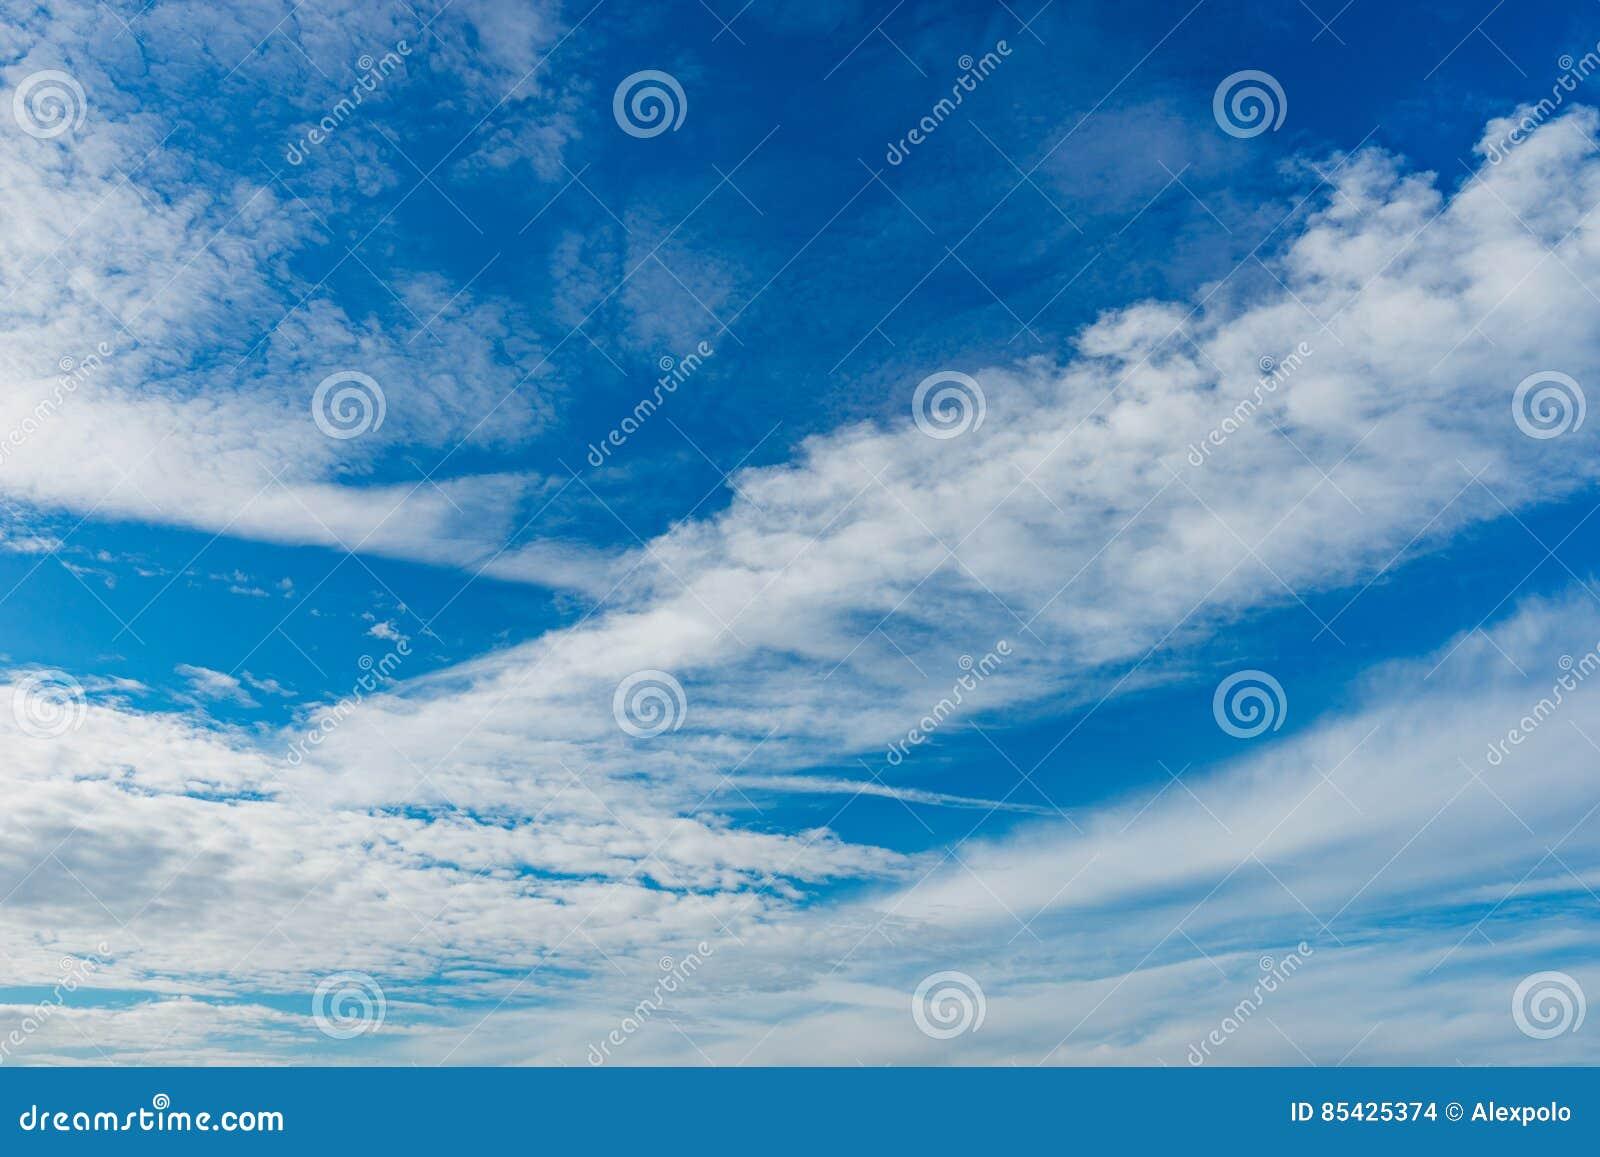 Wunderbare Altocumuluswolken auf blauem Himmel